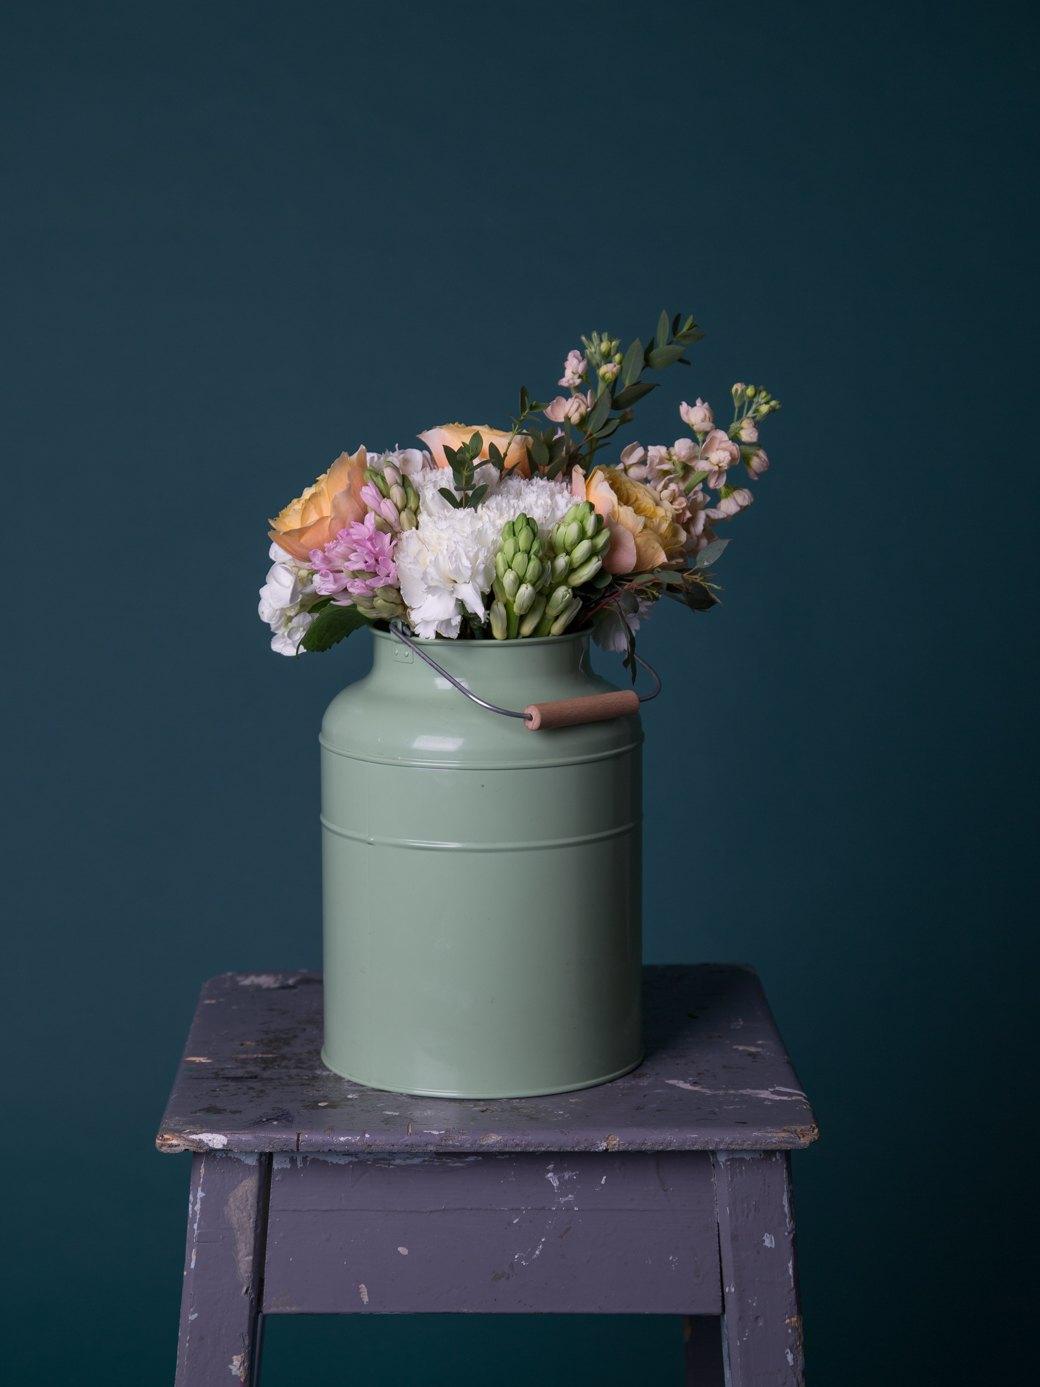 Сколько стоит букет цветов?. Изображение № 66.